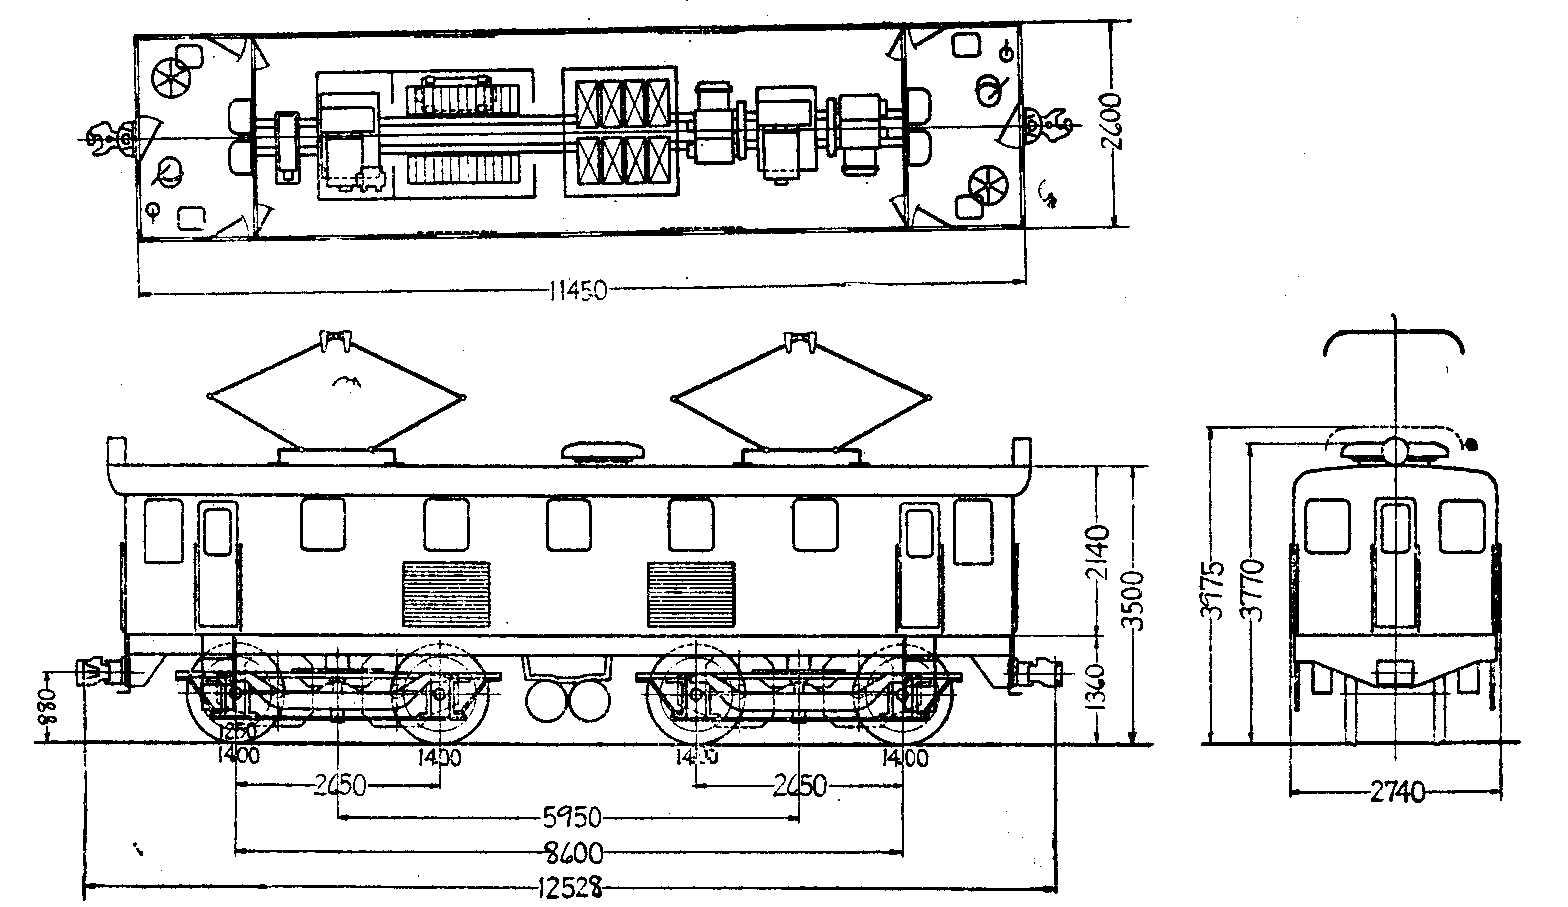 国鉄ED15形電気機関車 - JNR Class ED15